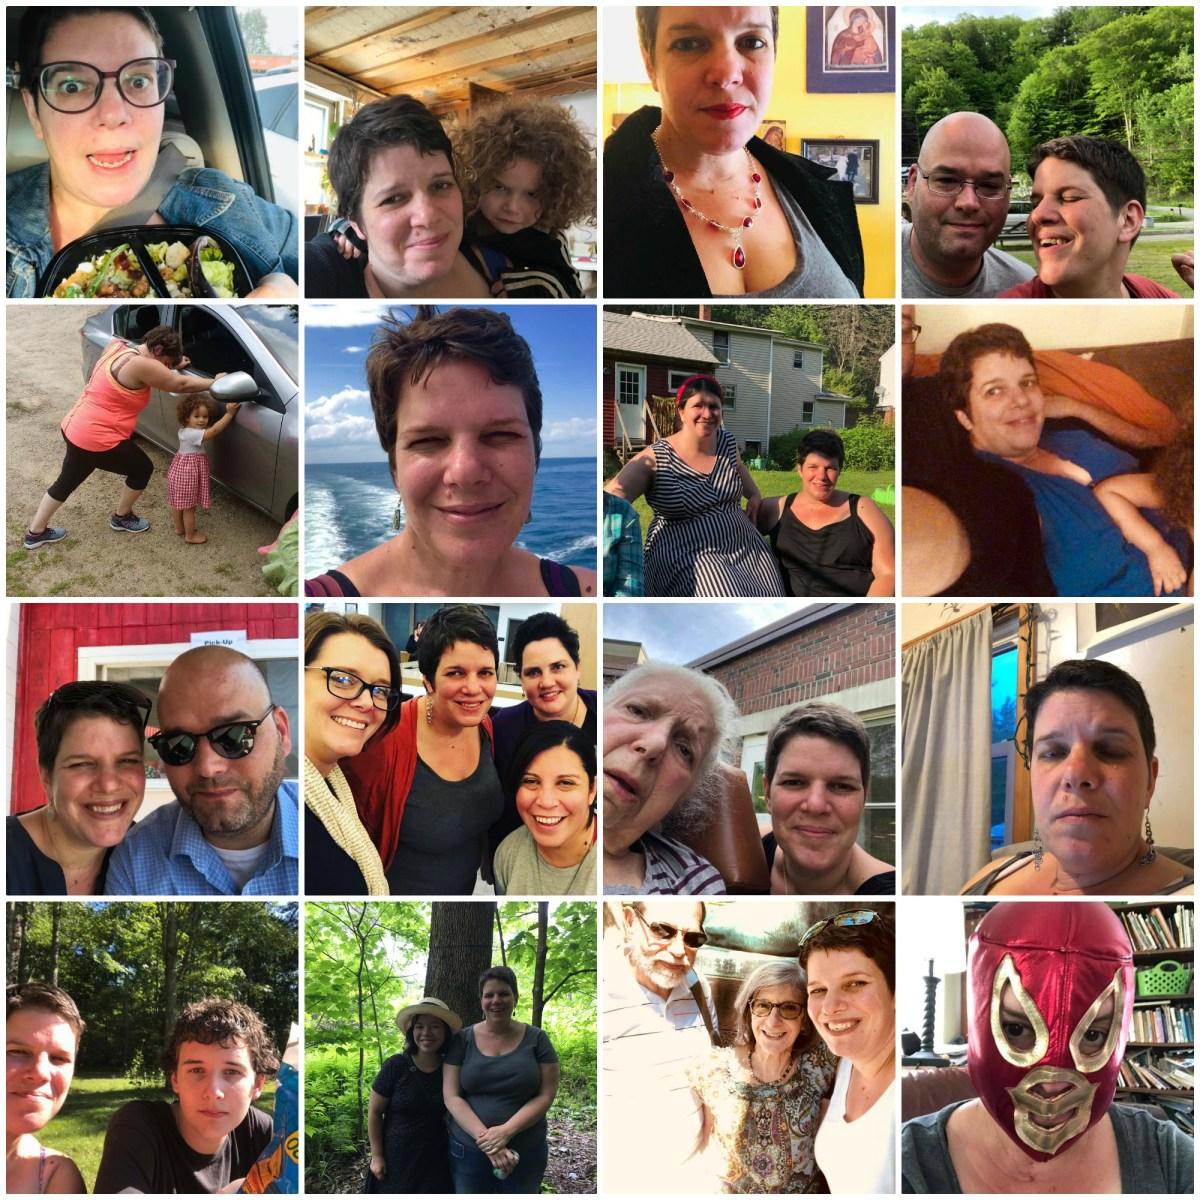 Healing vanity and self-loathing through selfies